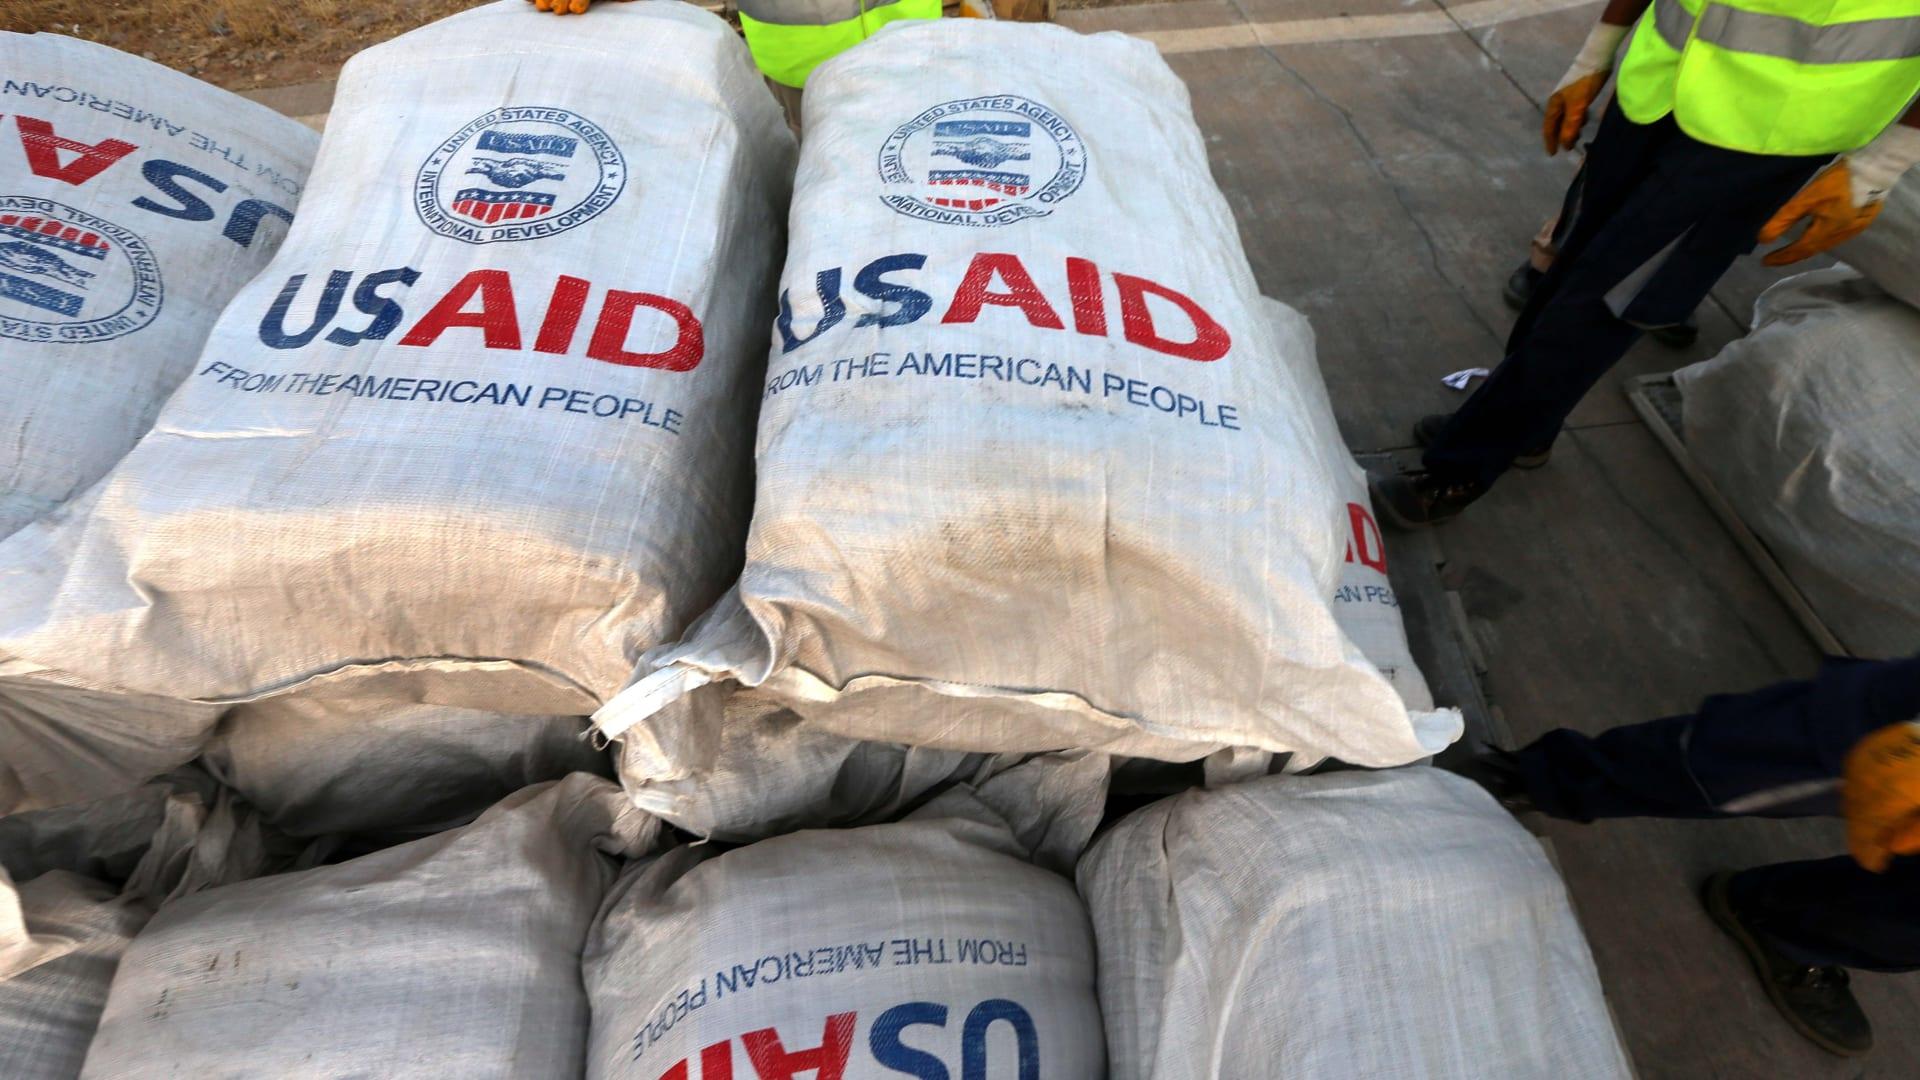 الوكالة الأمريكية للمساعدات الدولية ترفد موظفة بعد تعليقات معادية للمثليين والمهاجرين